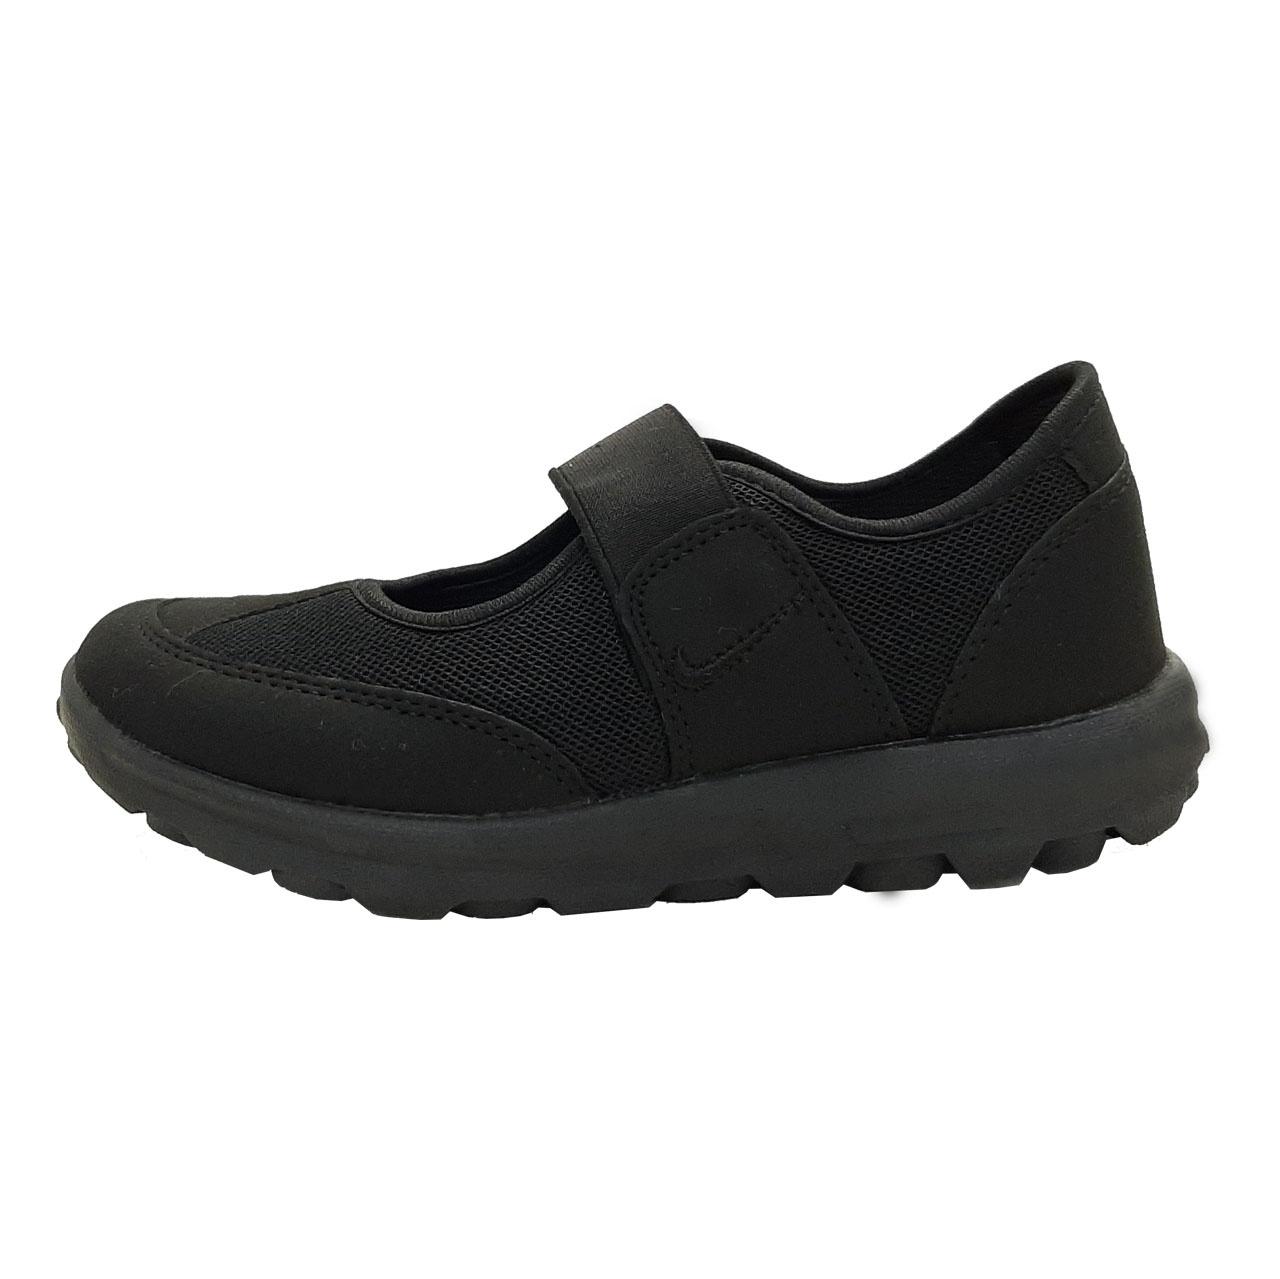 کفش مخصوص پیاده روی زنانه کد 541